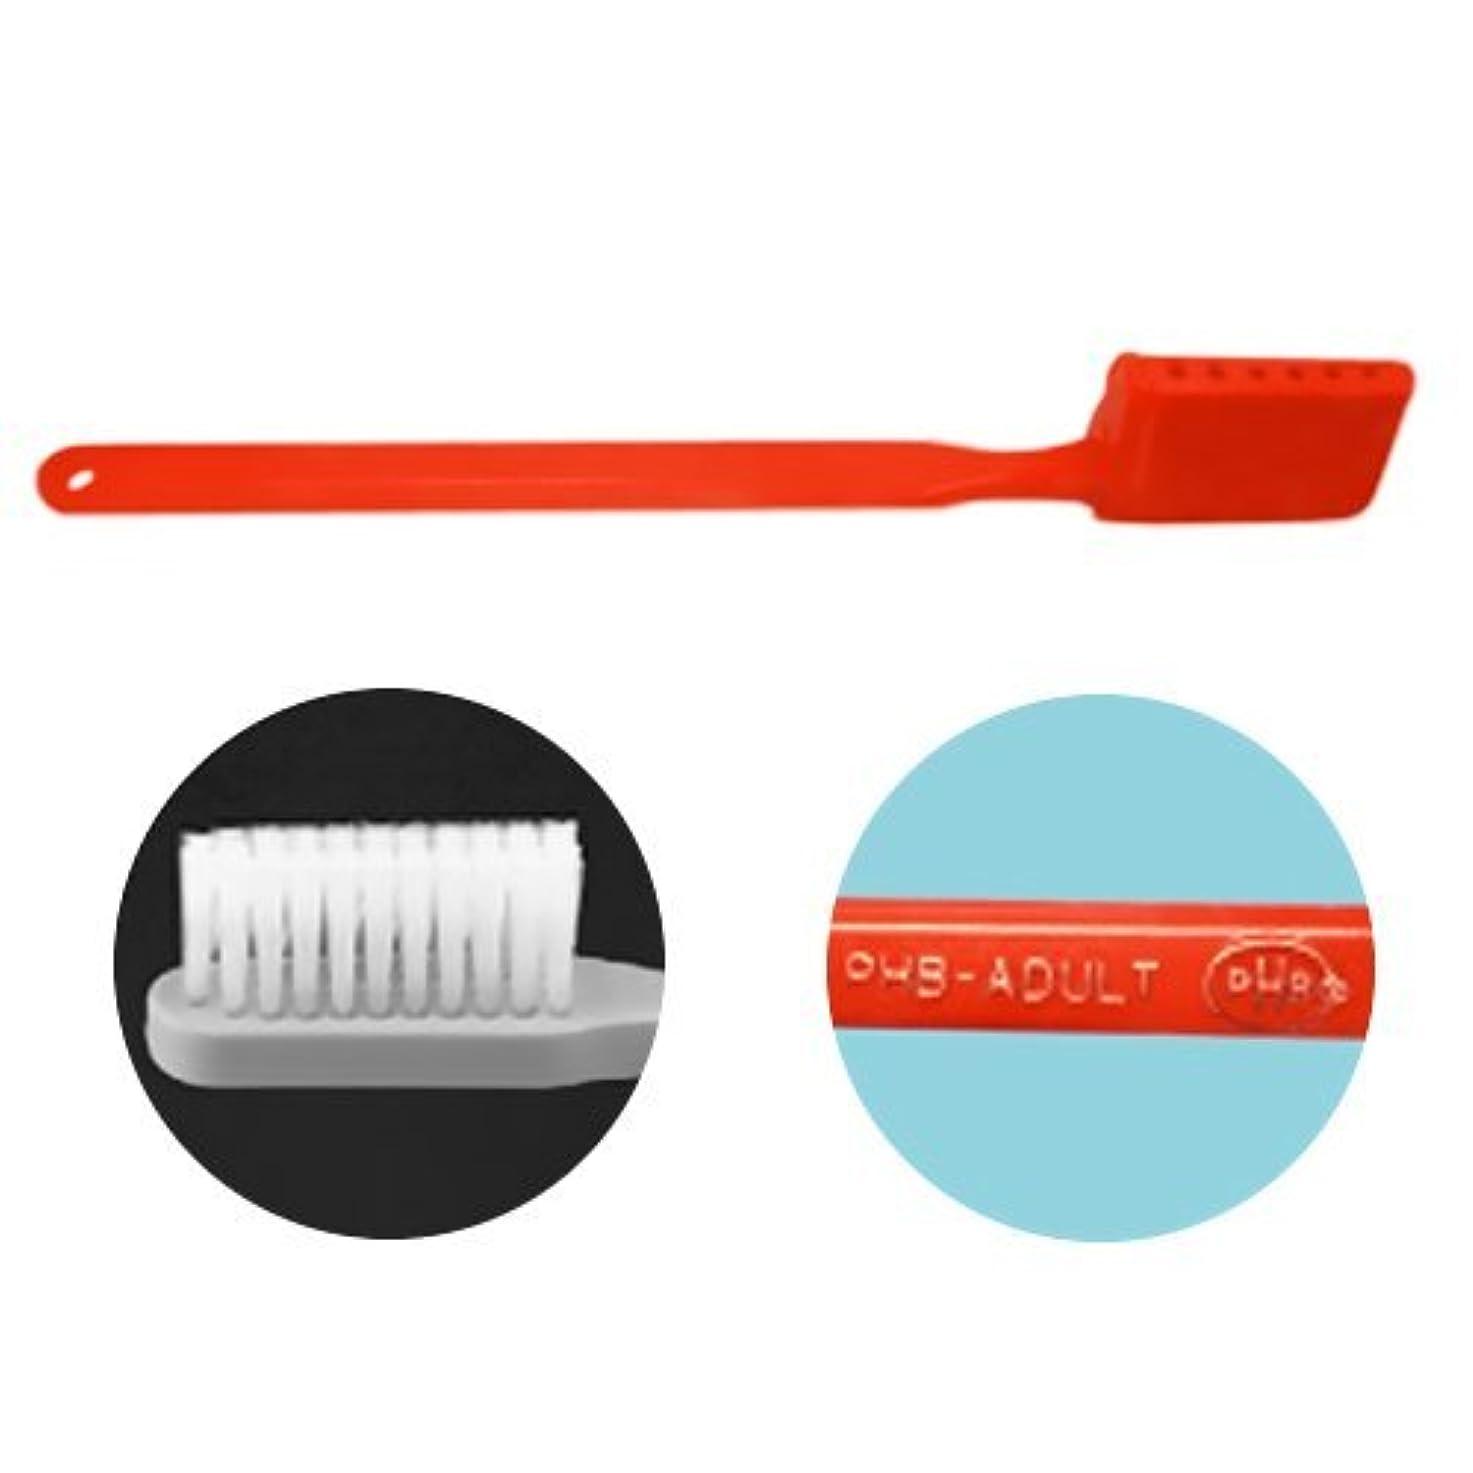 湖上陸レクリエーションPHB 歯ブラシ アダルトサイズ 1本 ネオンオレンジ